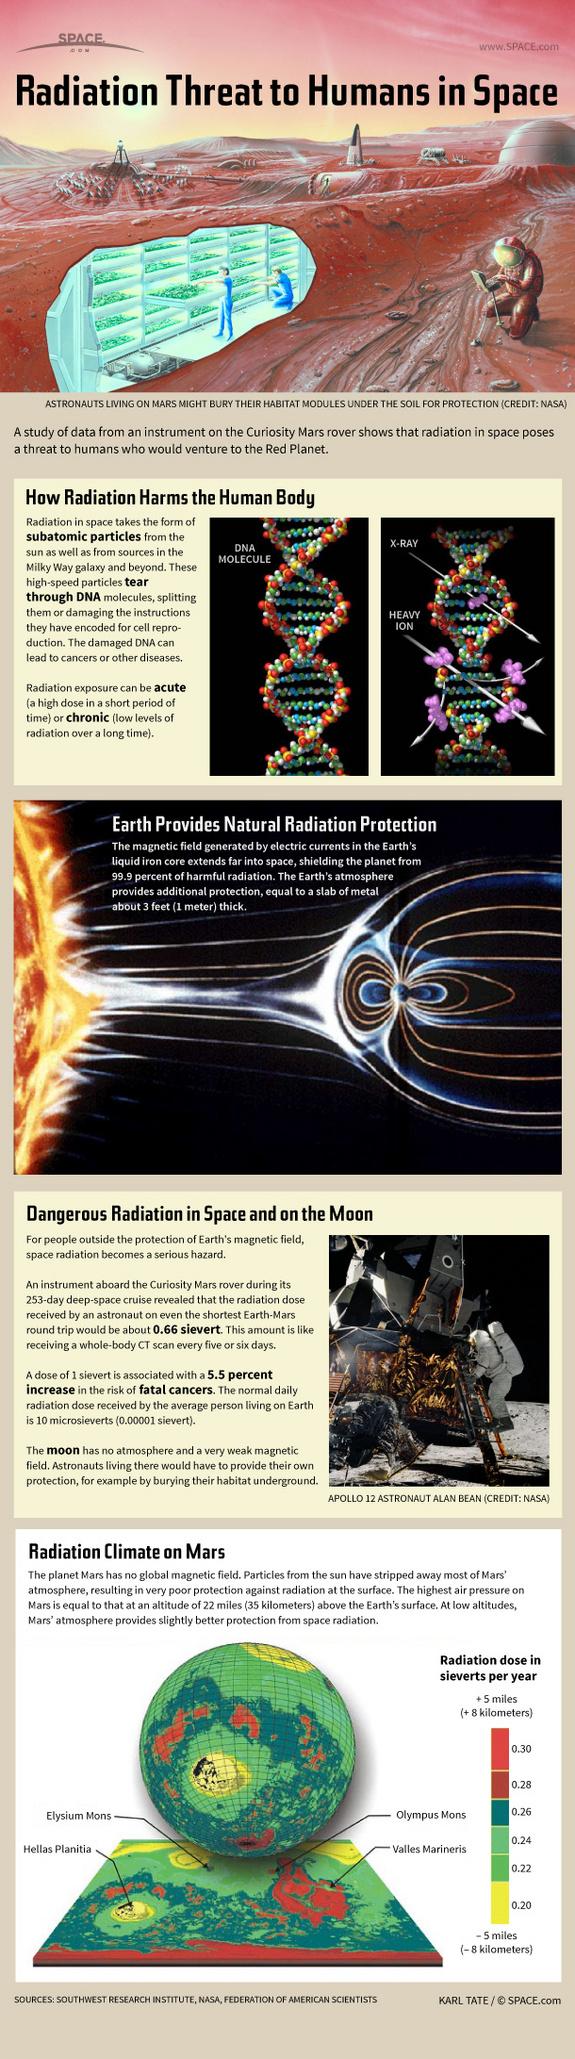 Πώς η Ακτινοβολία στο Διάστημα Αποτελεί Απειλή για την Ανθρώπινη Εξερεύνηση (Infographic)